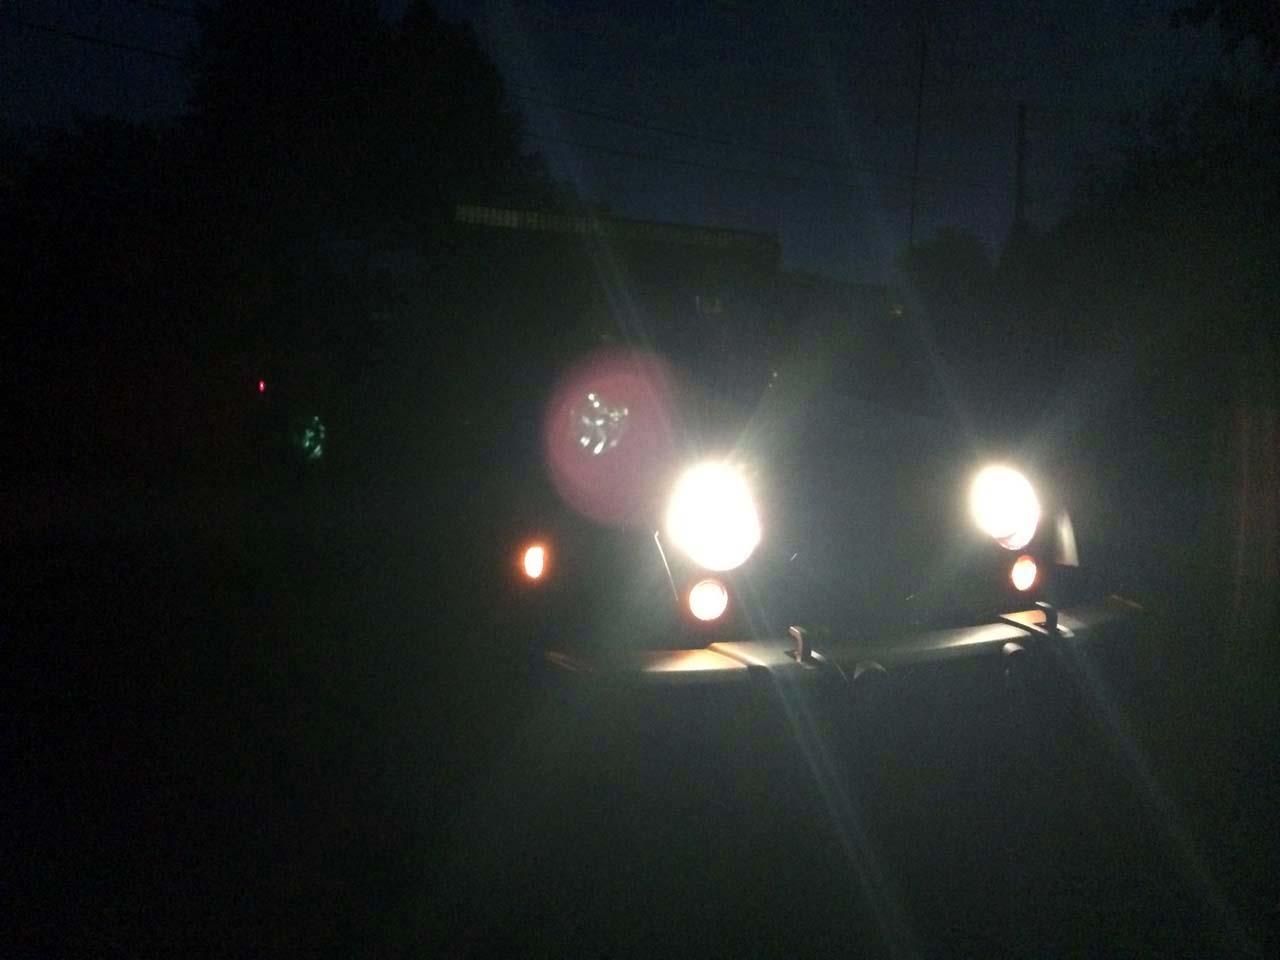 Wrangler Jk Raxiom Light Bar Installation Night Testing